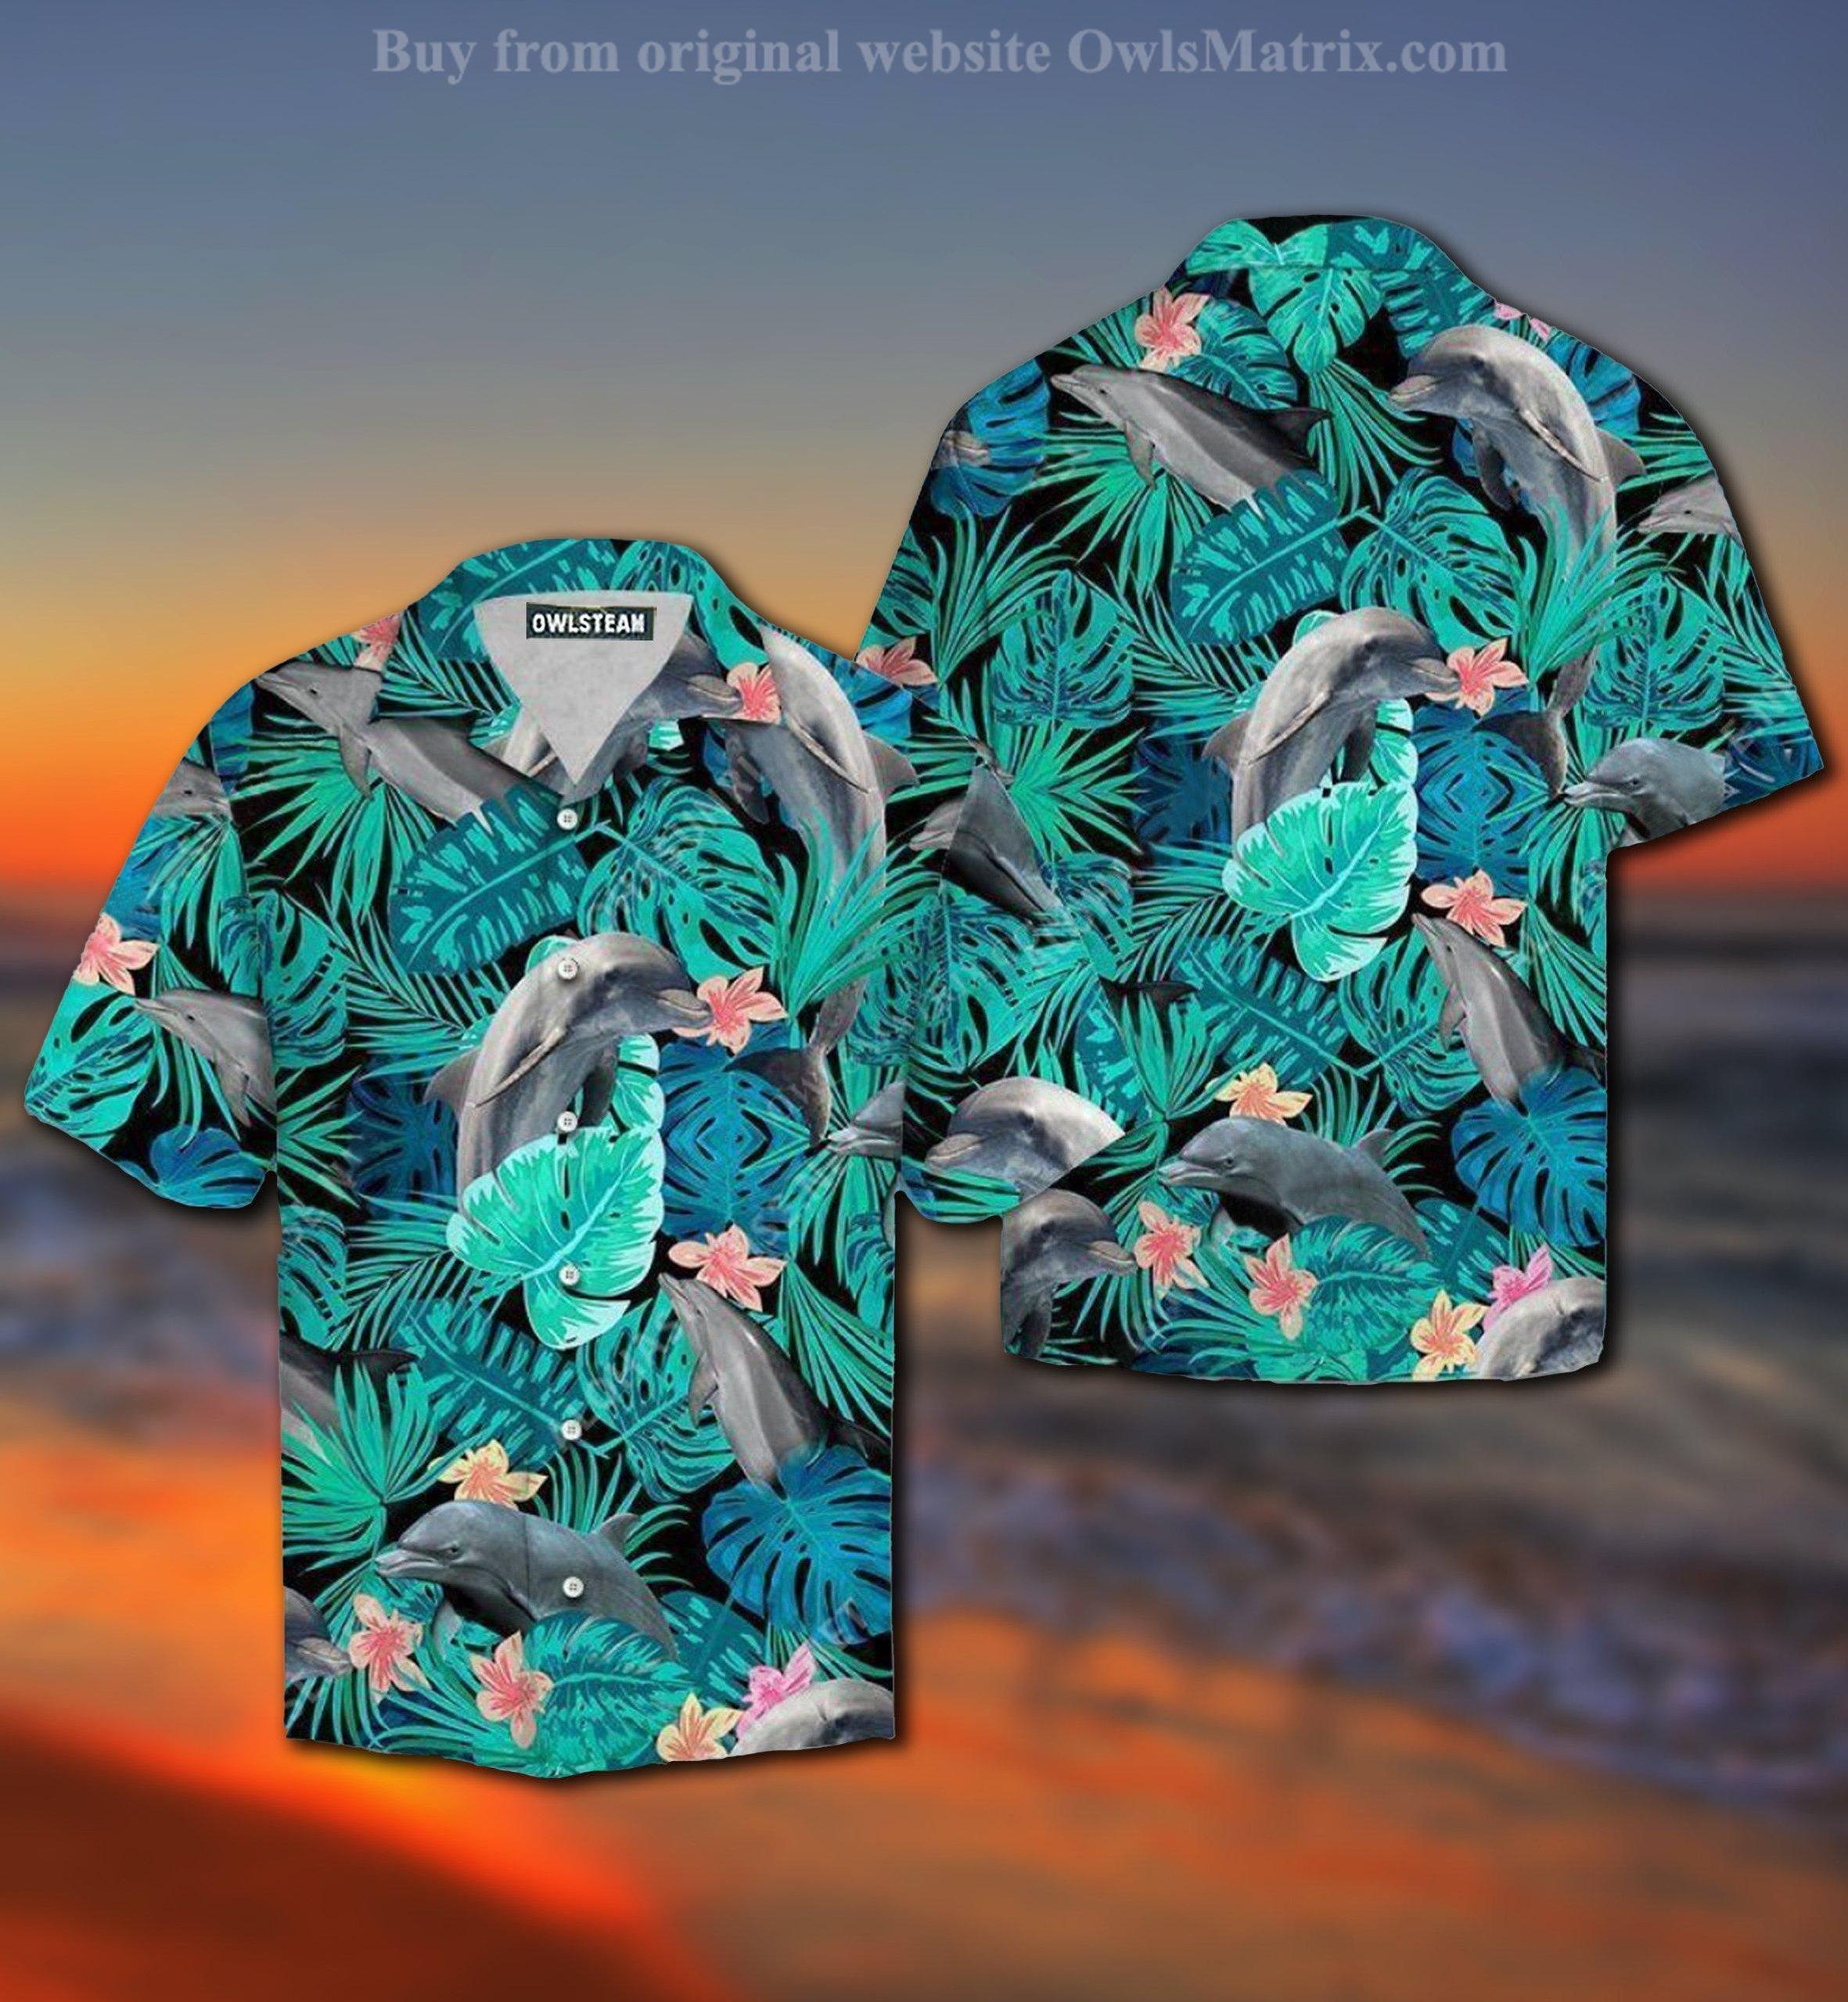 Dolphin Tropical Forest Hawaiian Shirt